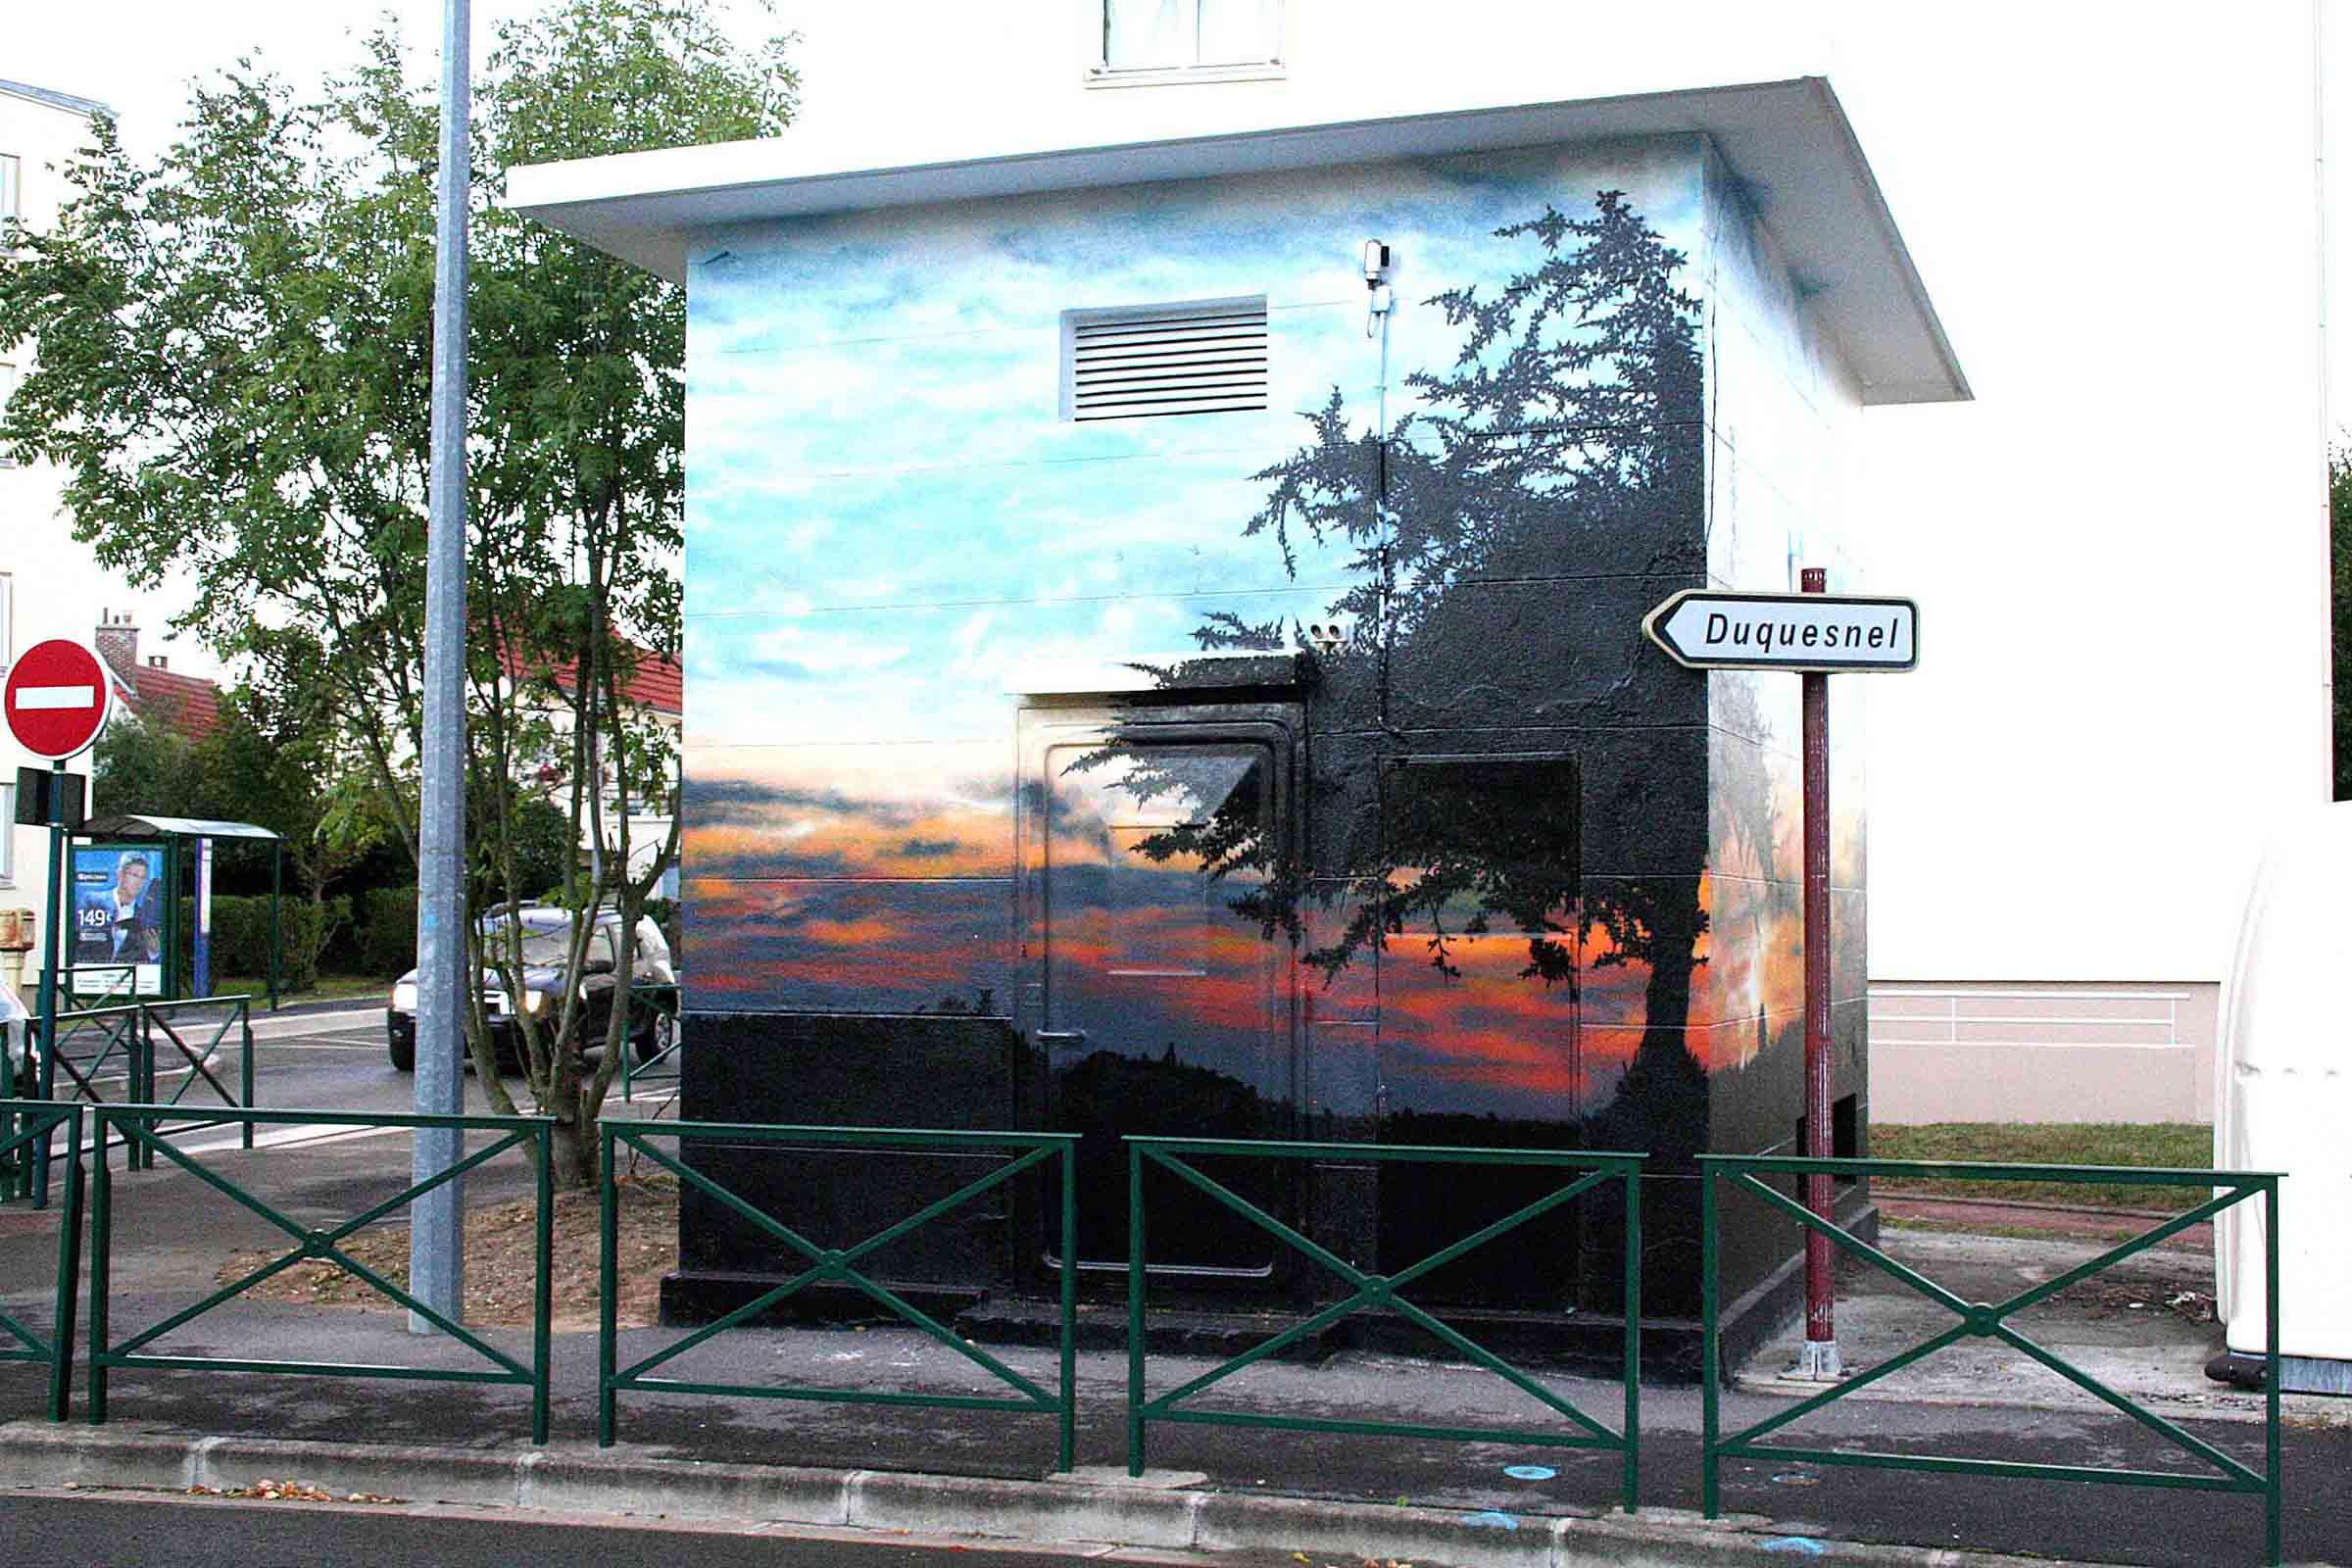 fresques d'un coucher de soleil à beaumont sur oise